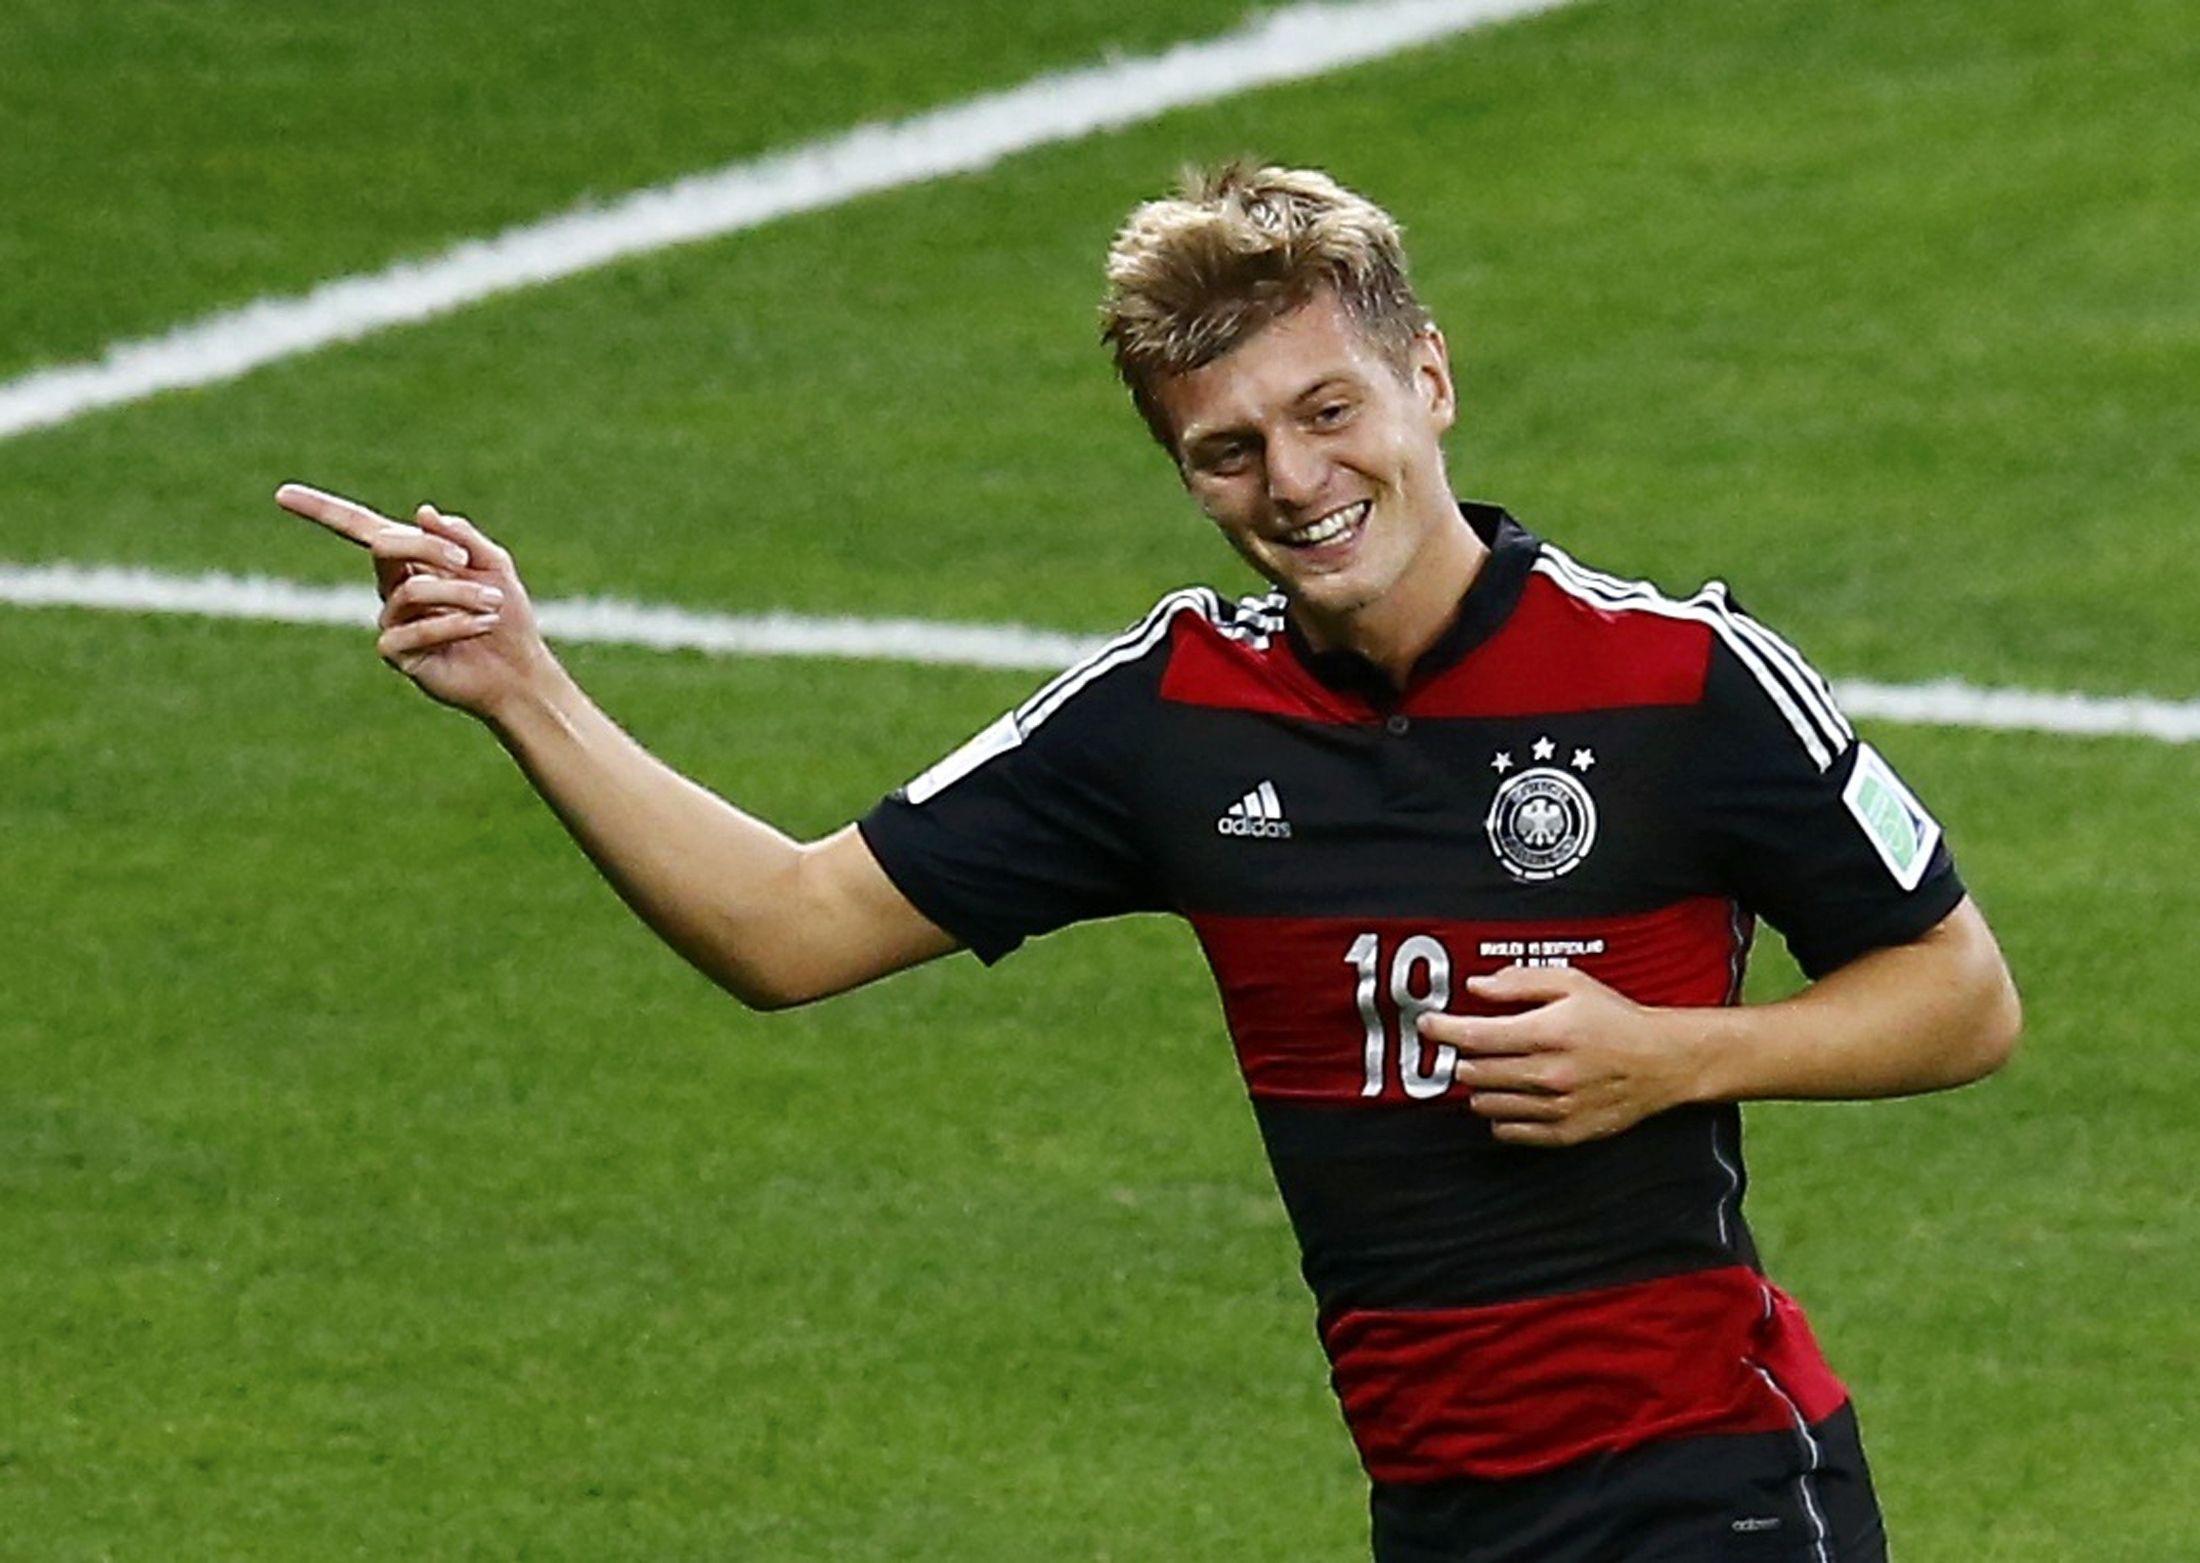 Немецкие футболисты имена